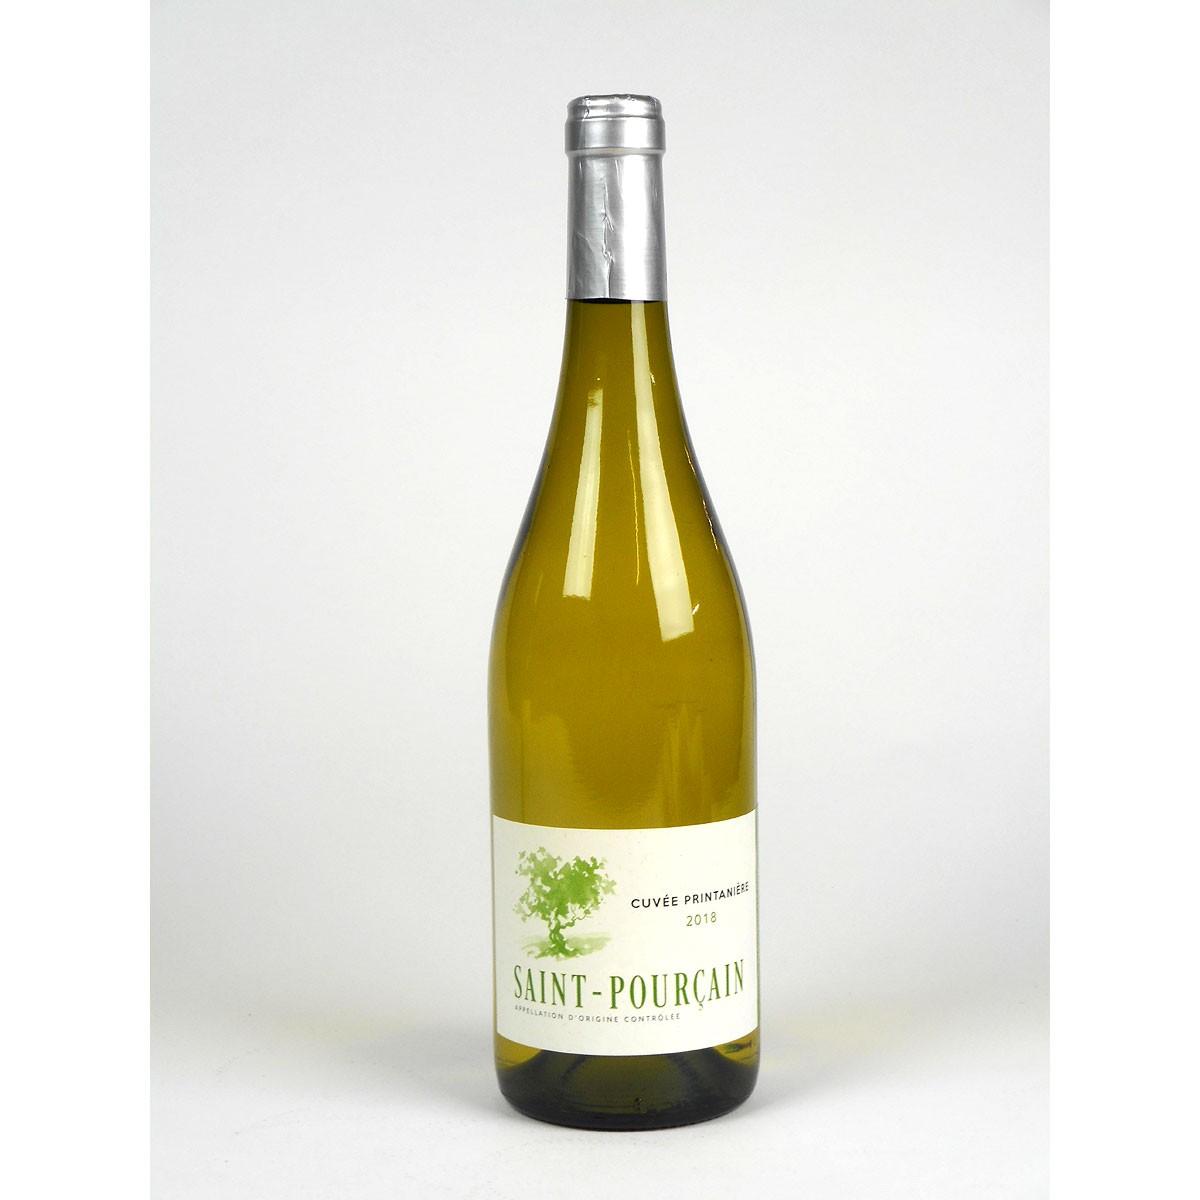 Saint-Pourçain: 'Cuvée Printanière' Blanc 2018 - Bottle